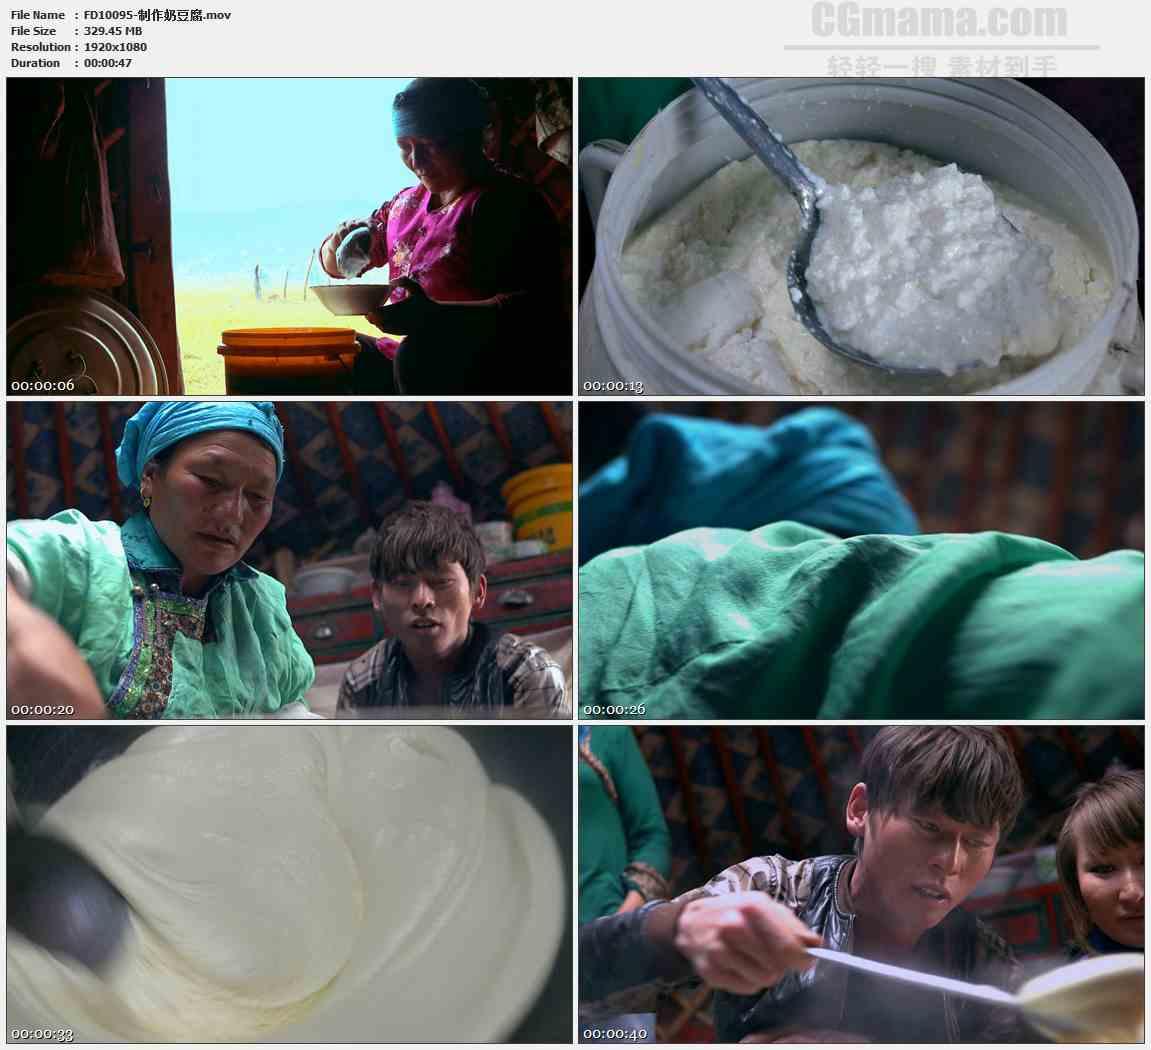 FD10095-鲜奶油奶制作奶豆腐奶制品蒙古特色美食高清实拍视频素材